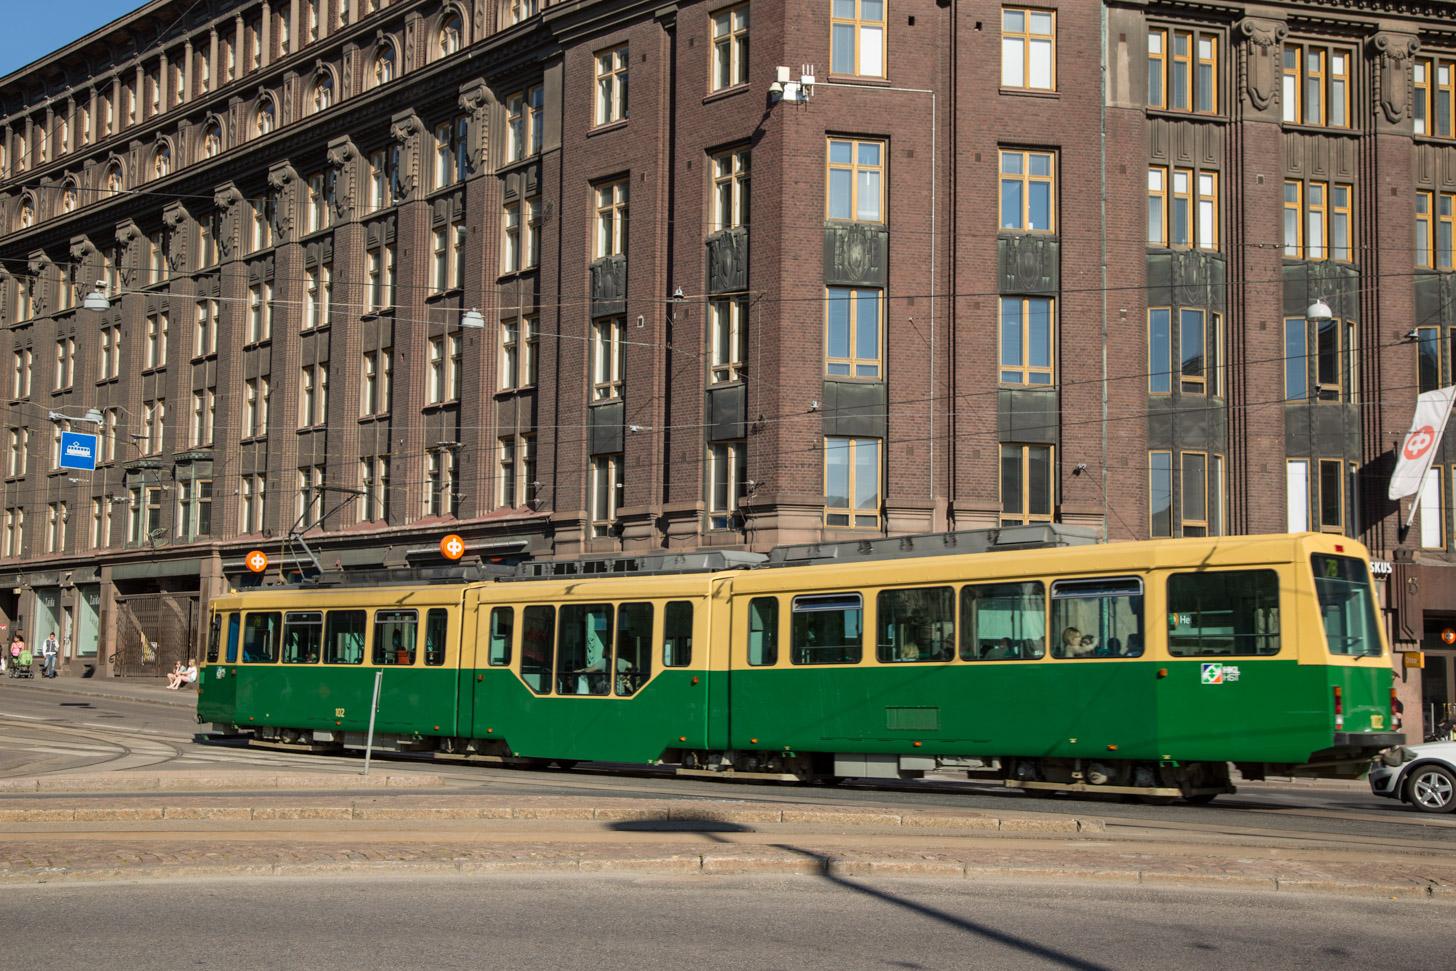 De tram als vervoersmiddel